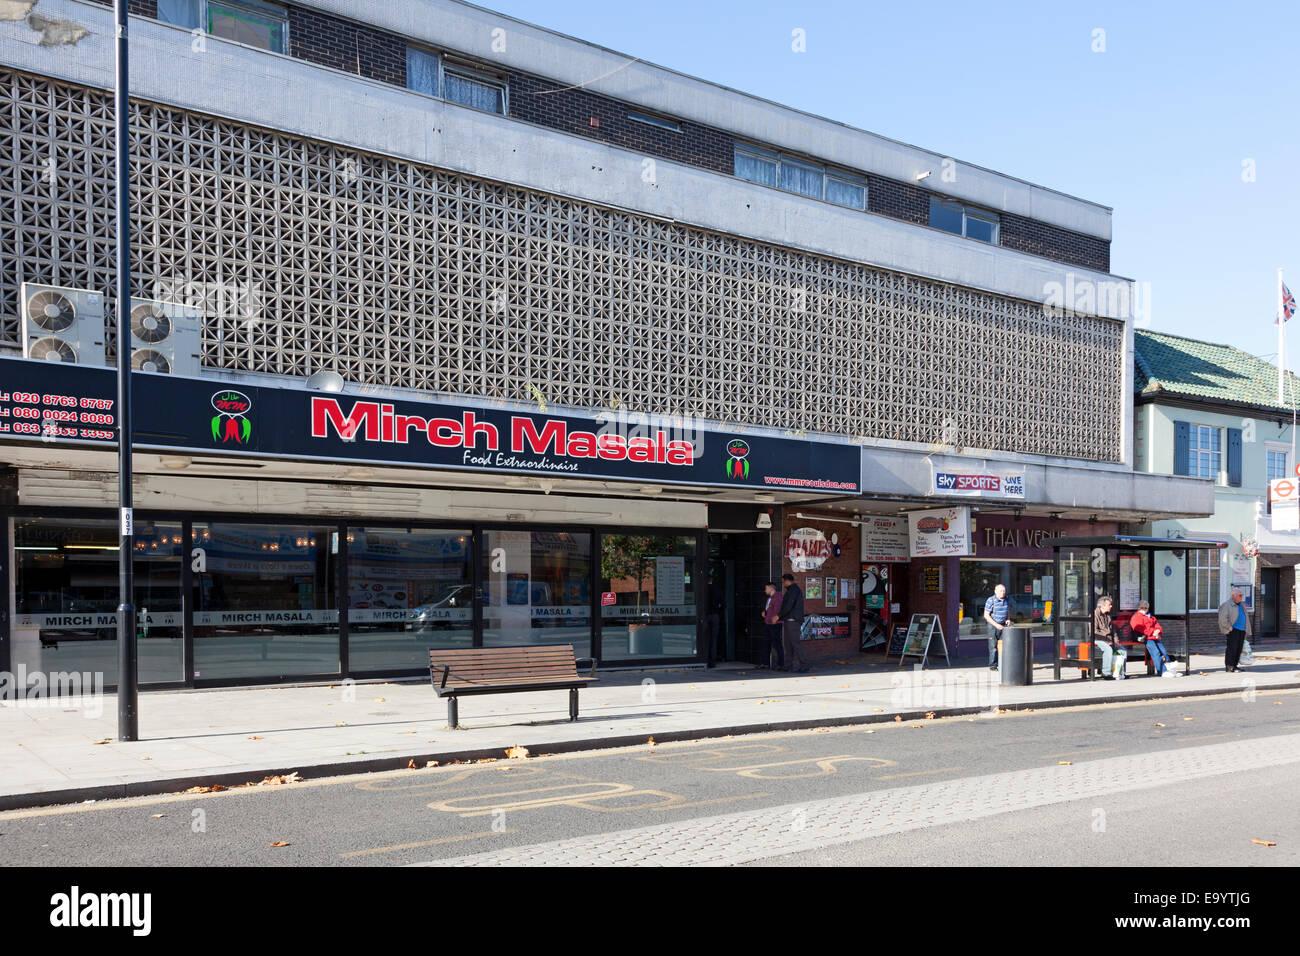 Mirch Masala ristorante pakistano, Coulsdon, Surrey Immagini Stock